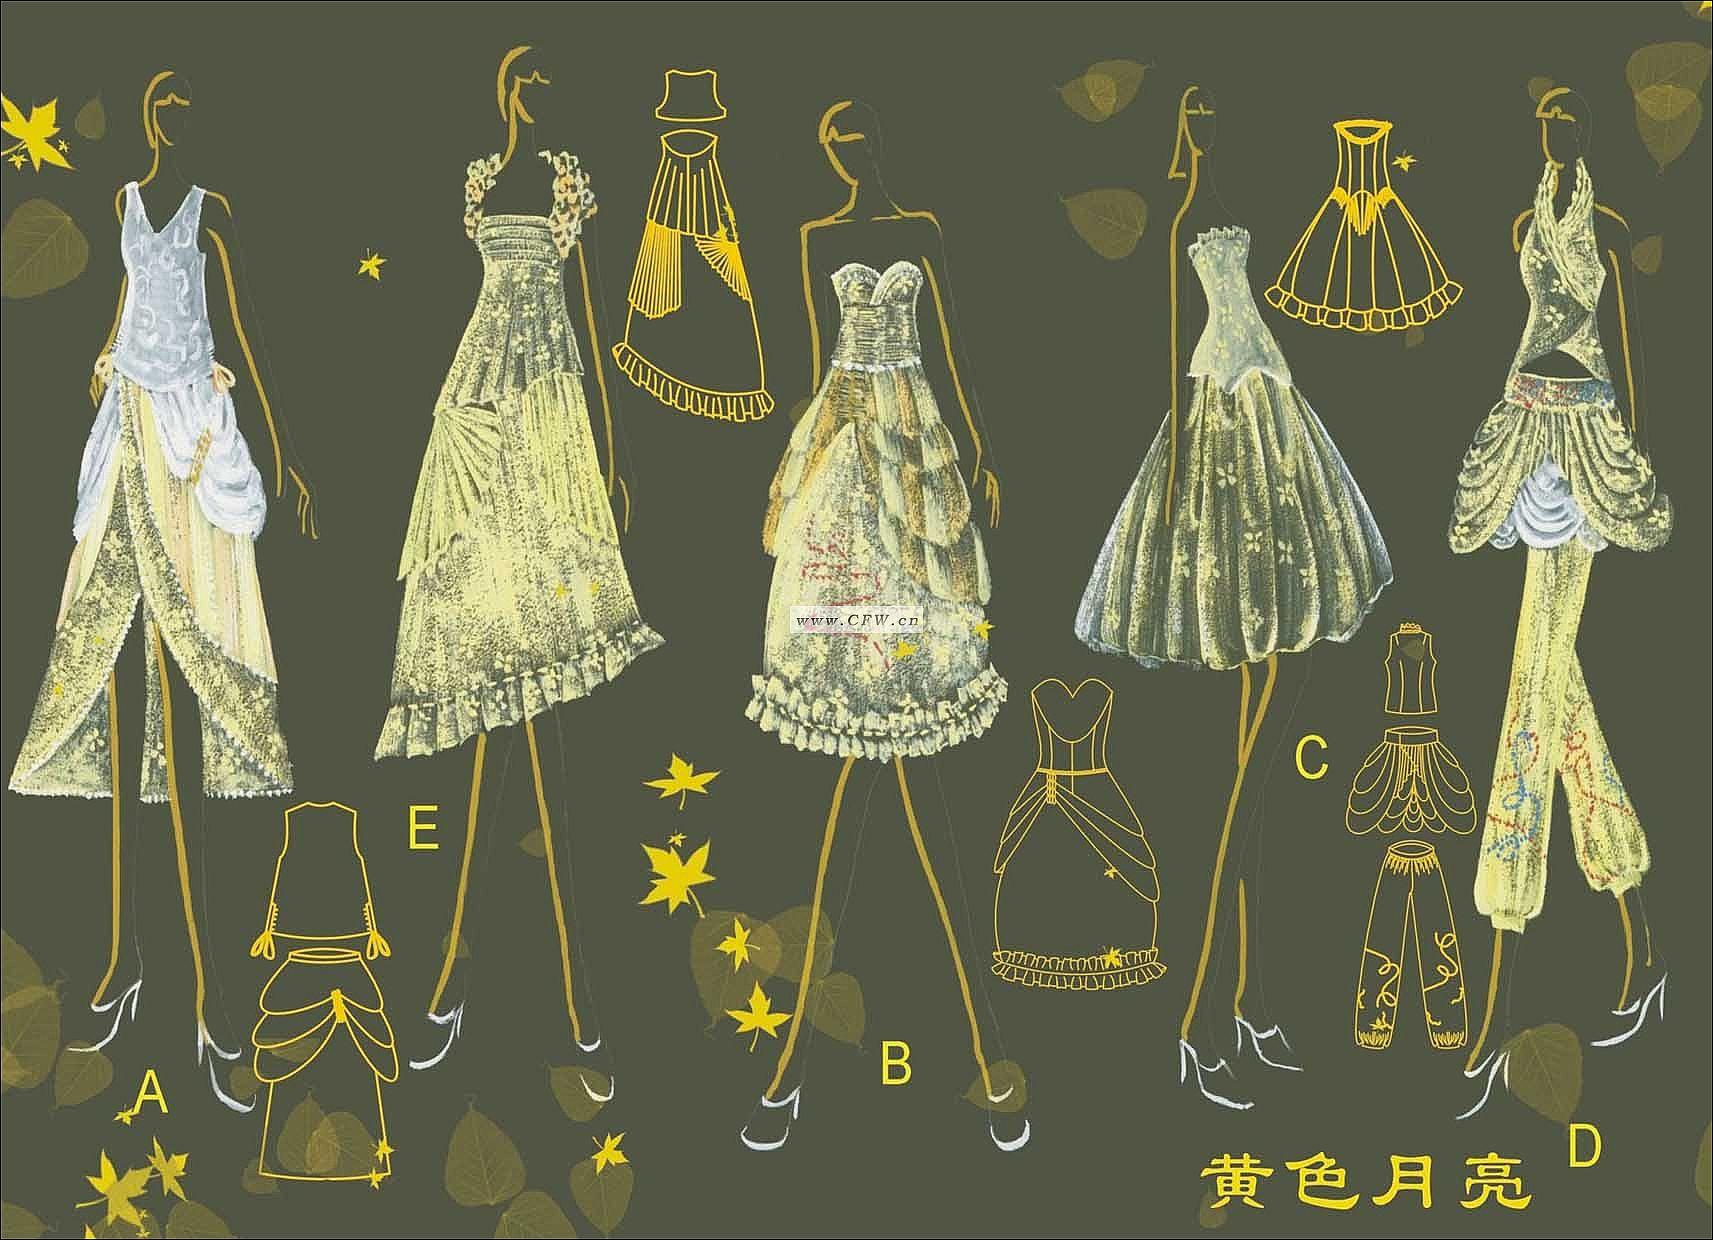 黄色月亮-大赛作品设计-服装设计图片